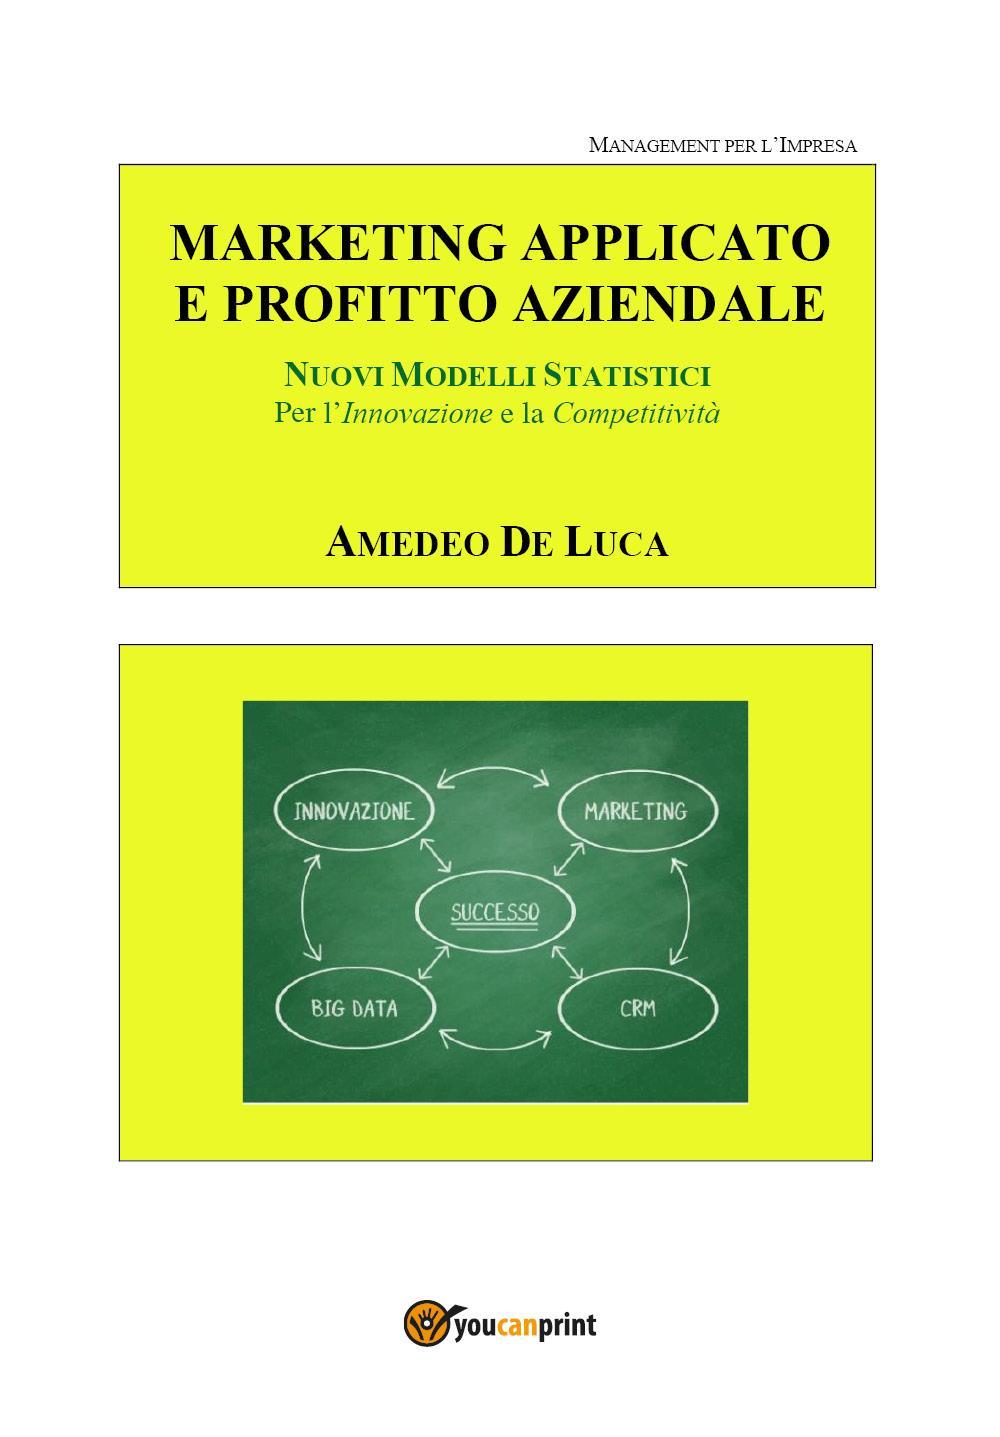 Marketing Applicato: moderni metodi e strumenti